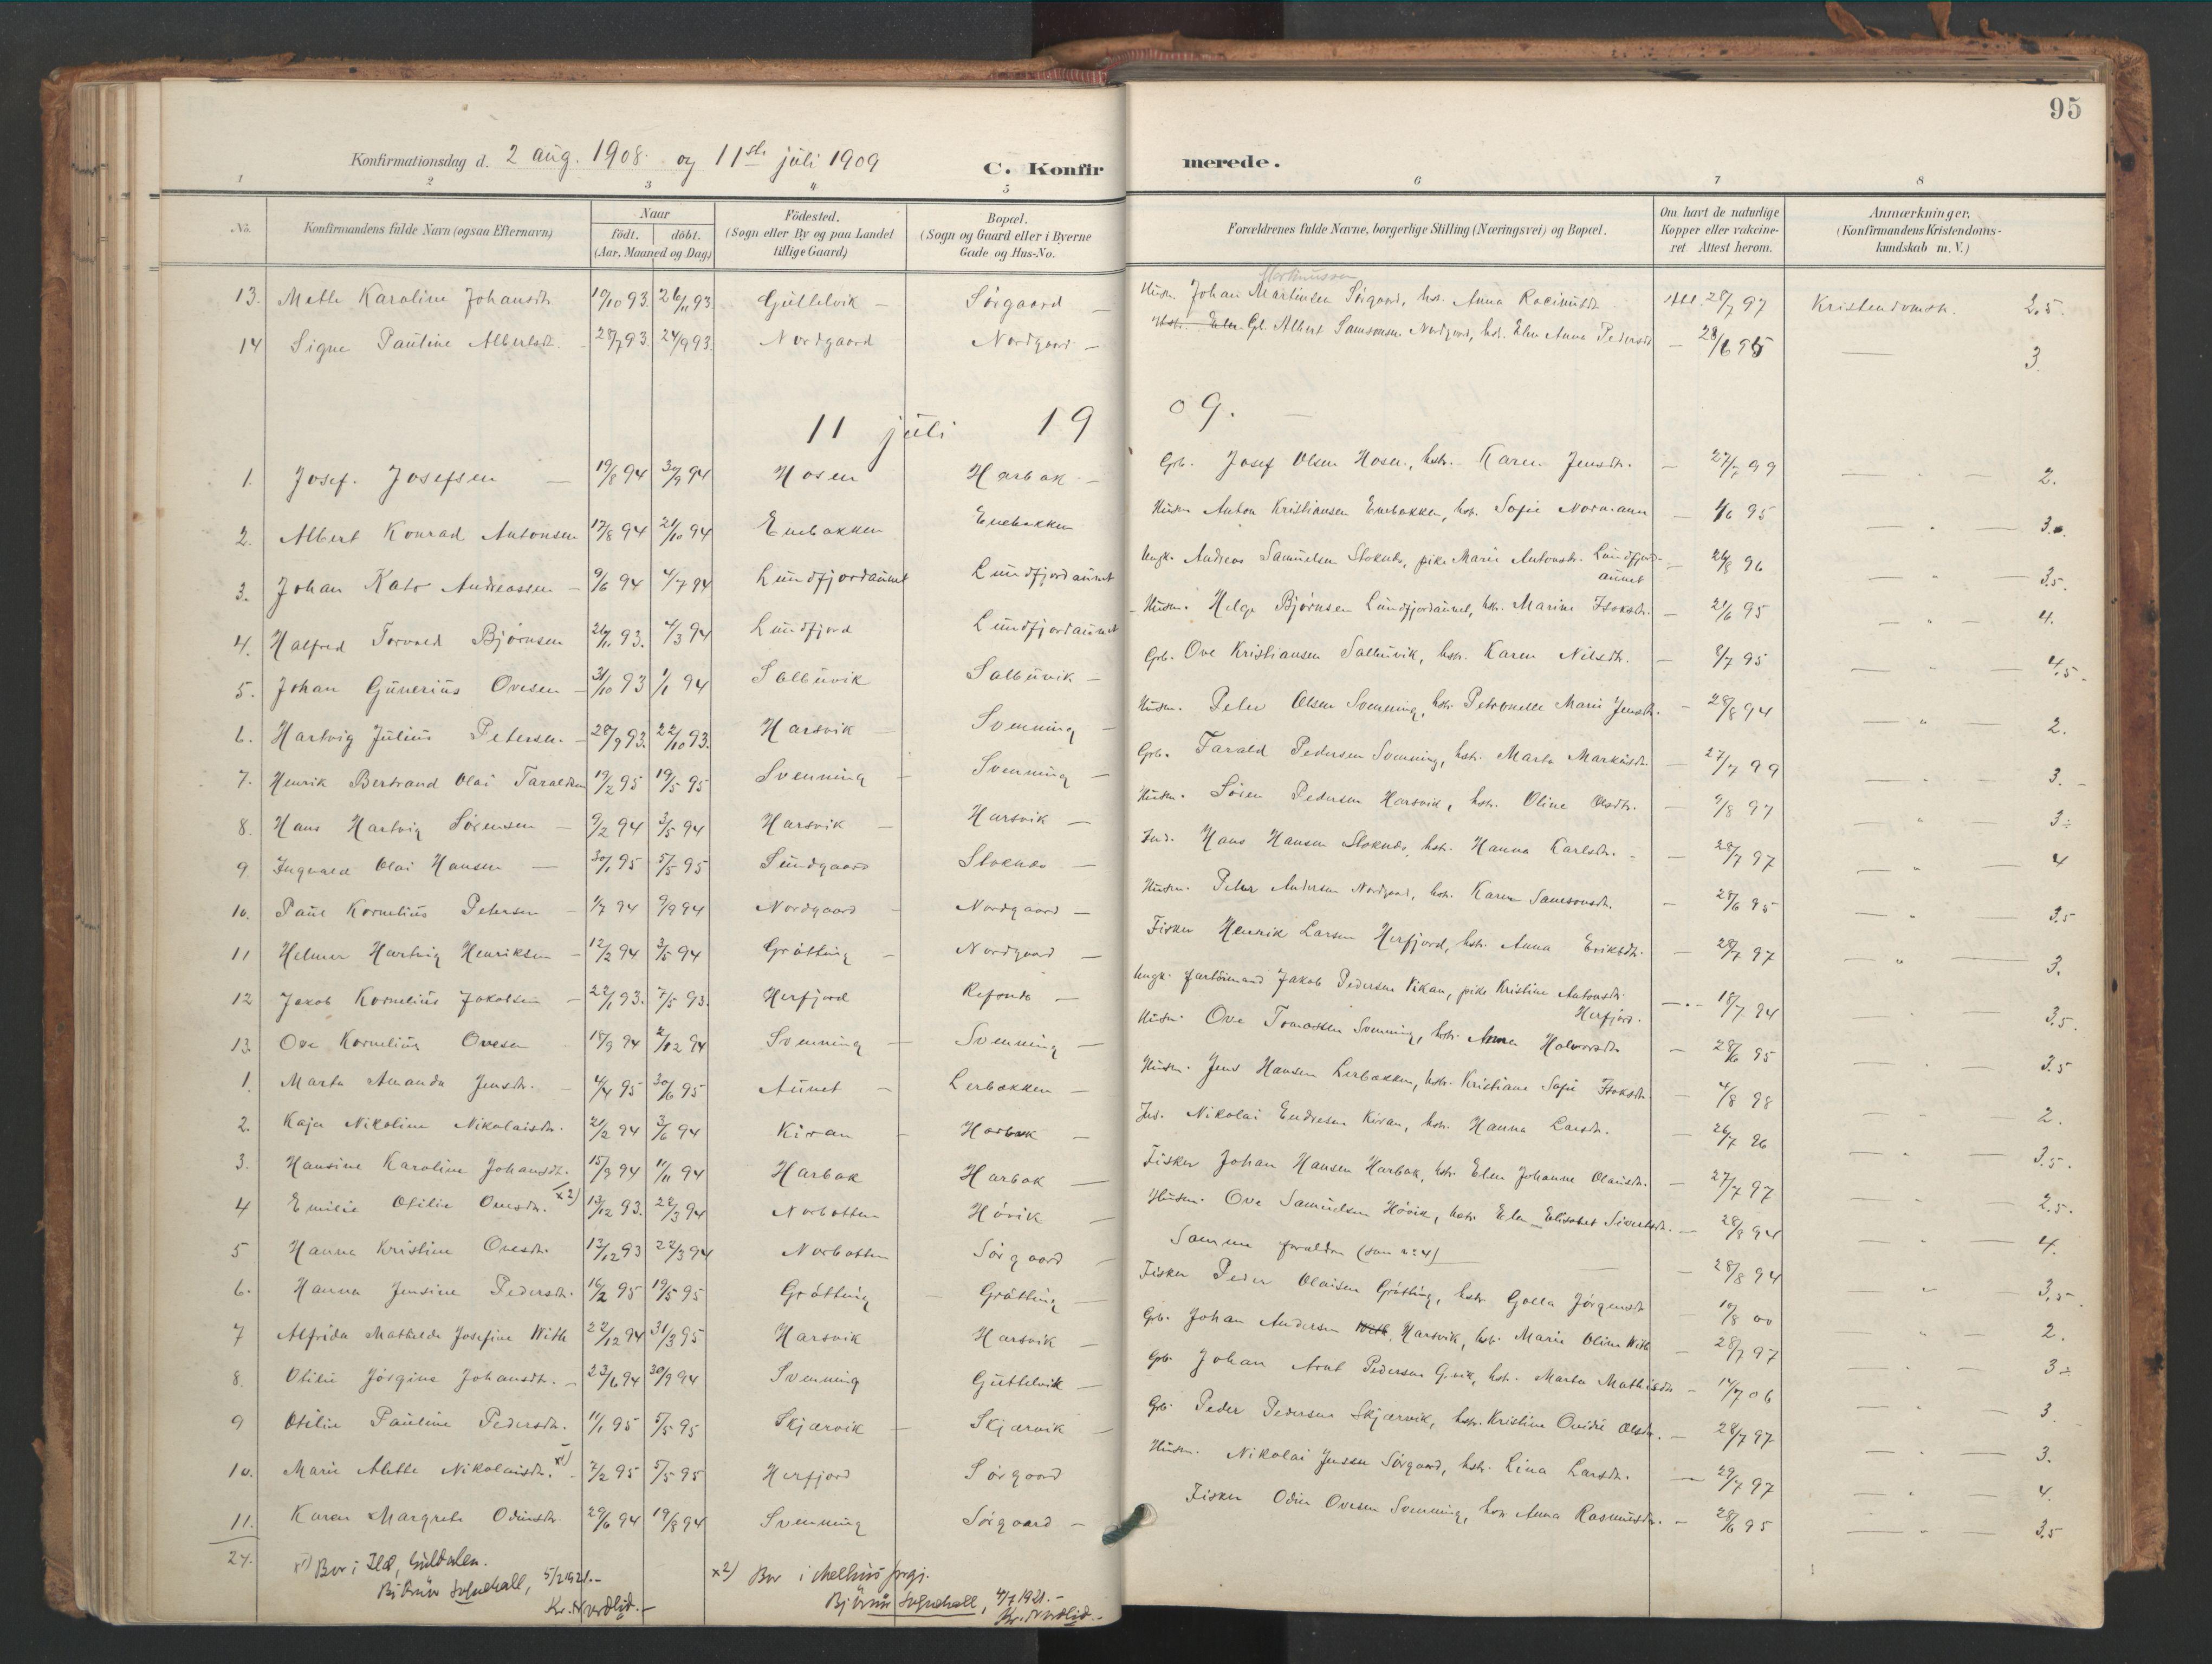 SAT, Ministerialprotokoller, klokkerbøker og fødselsregistre - Sør-Trøndelag, 656/L0693: Ministerialbok nr. 656A02, 1894-1913, s. 95